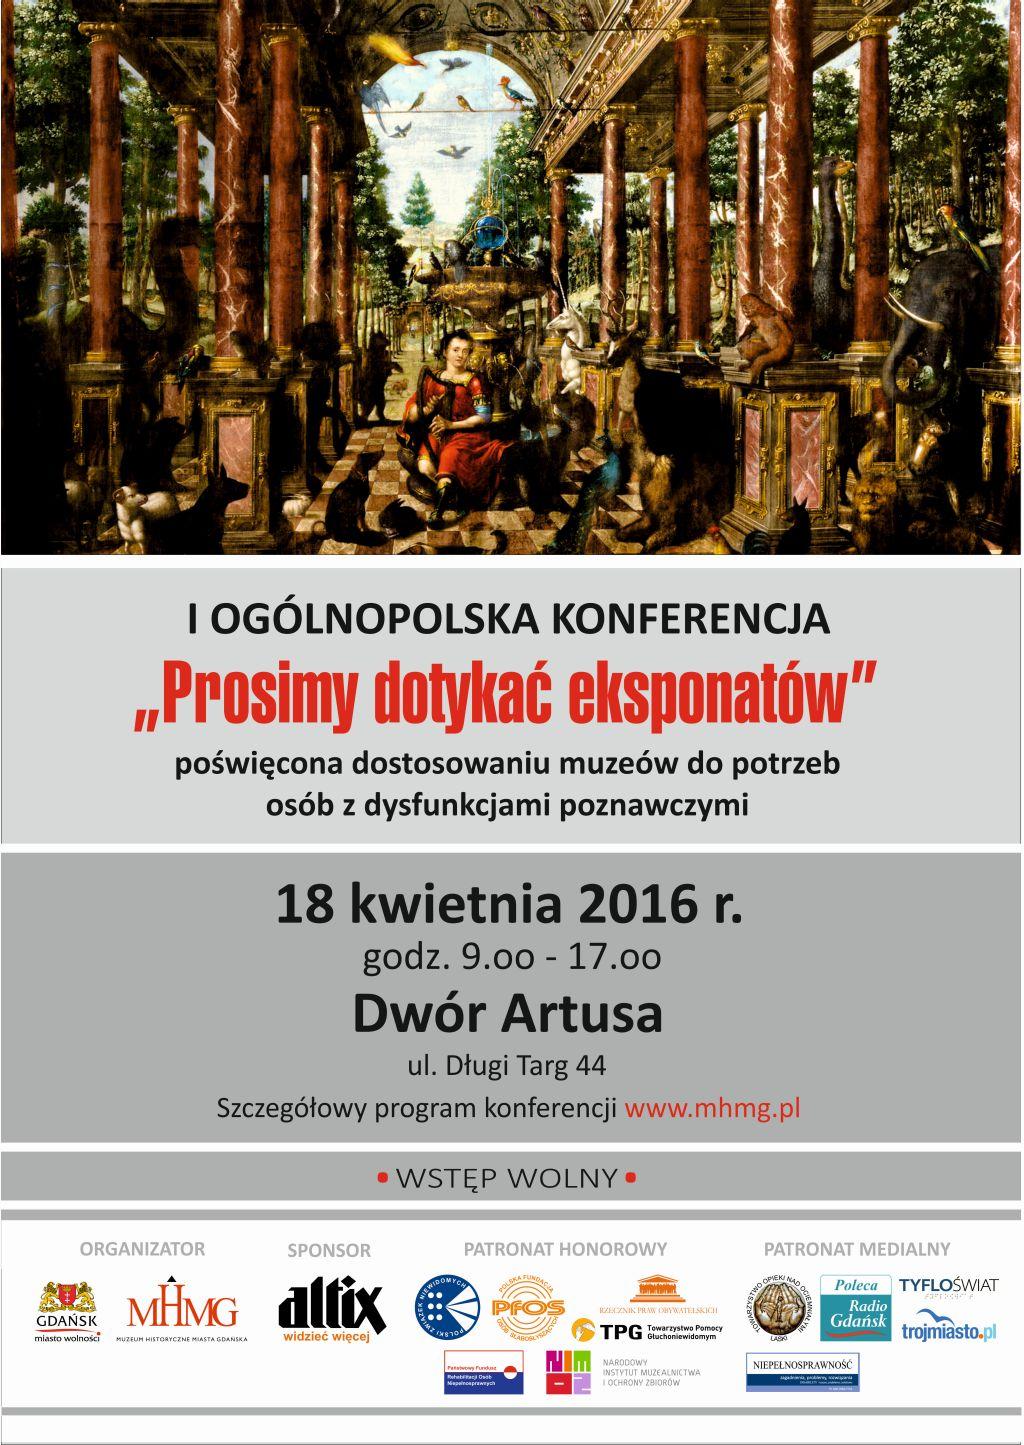 """I Ogólnopolska Konferencja """"Prosimy dotykać eksponatów"""", plakat (źródło: materiały prasowe organizatora)"""